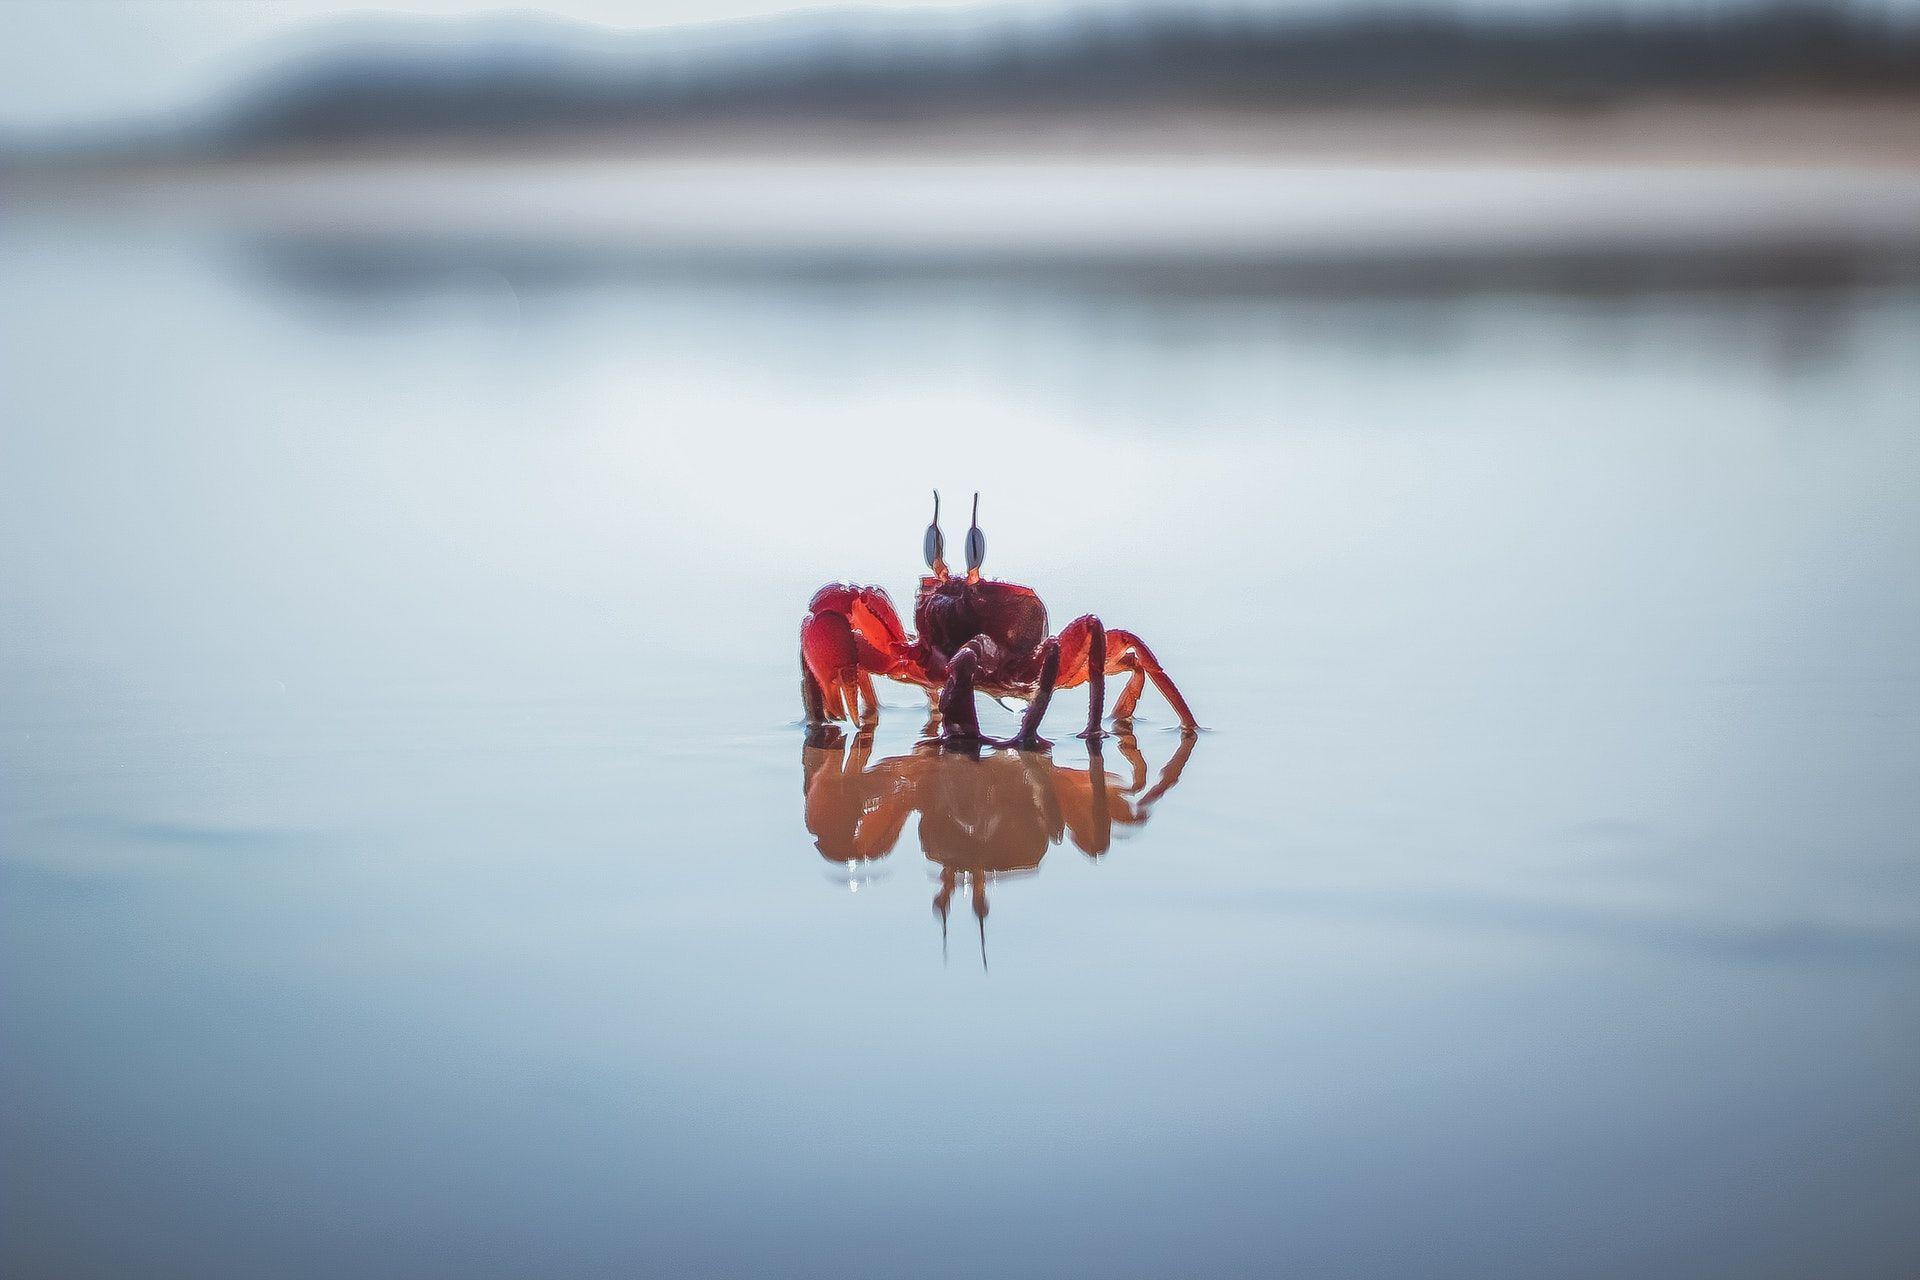 عکس زمینه خرچنگ قرمز در آب پس زمینه